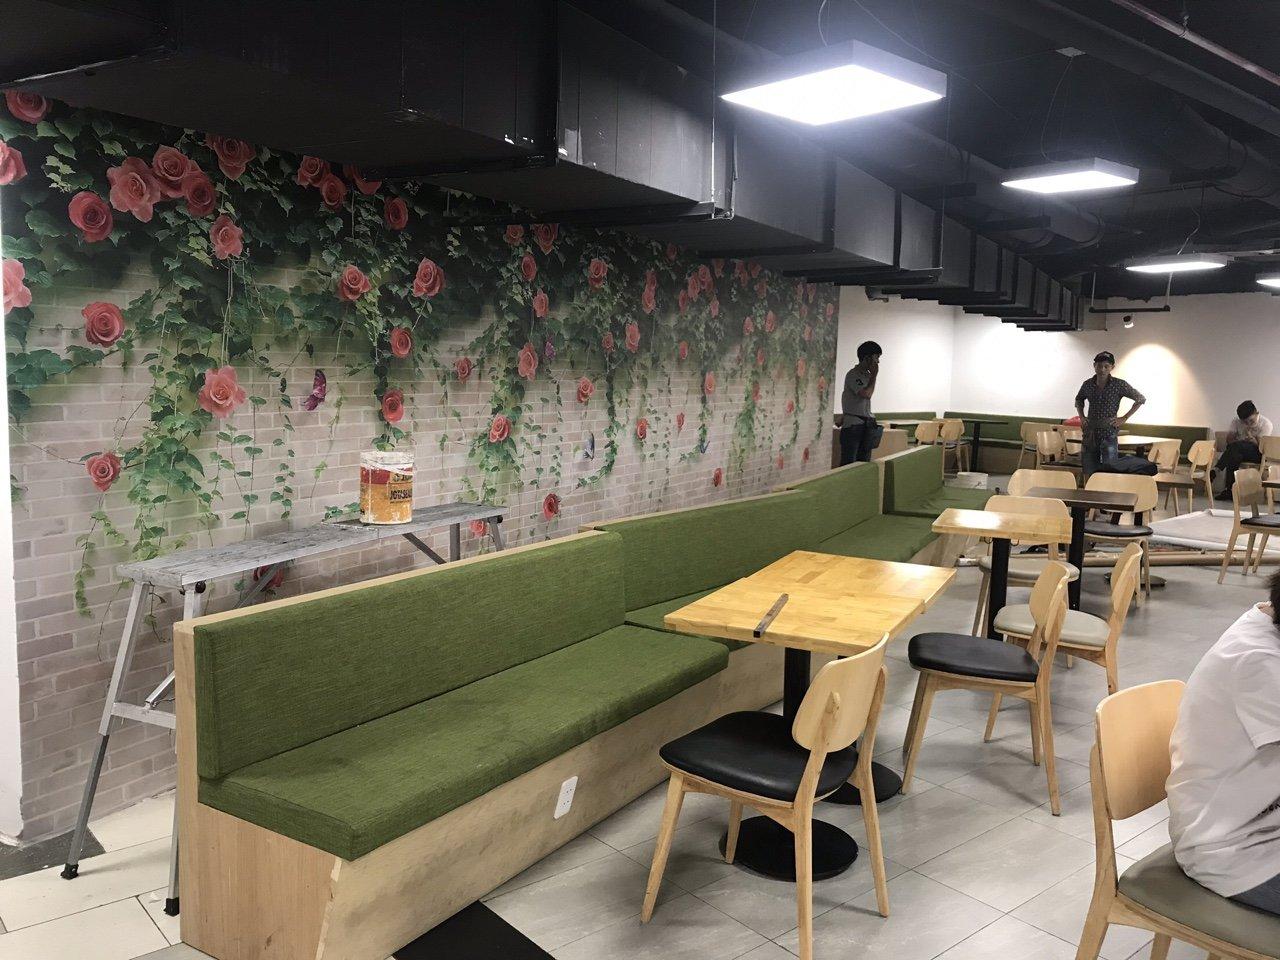 TRANH BONG HONG DAY tranh dán tường 3d viên gạch và bông hồng